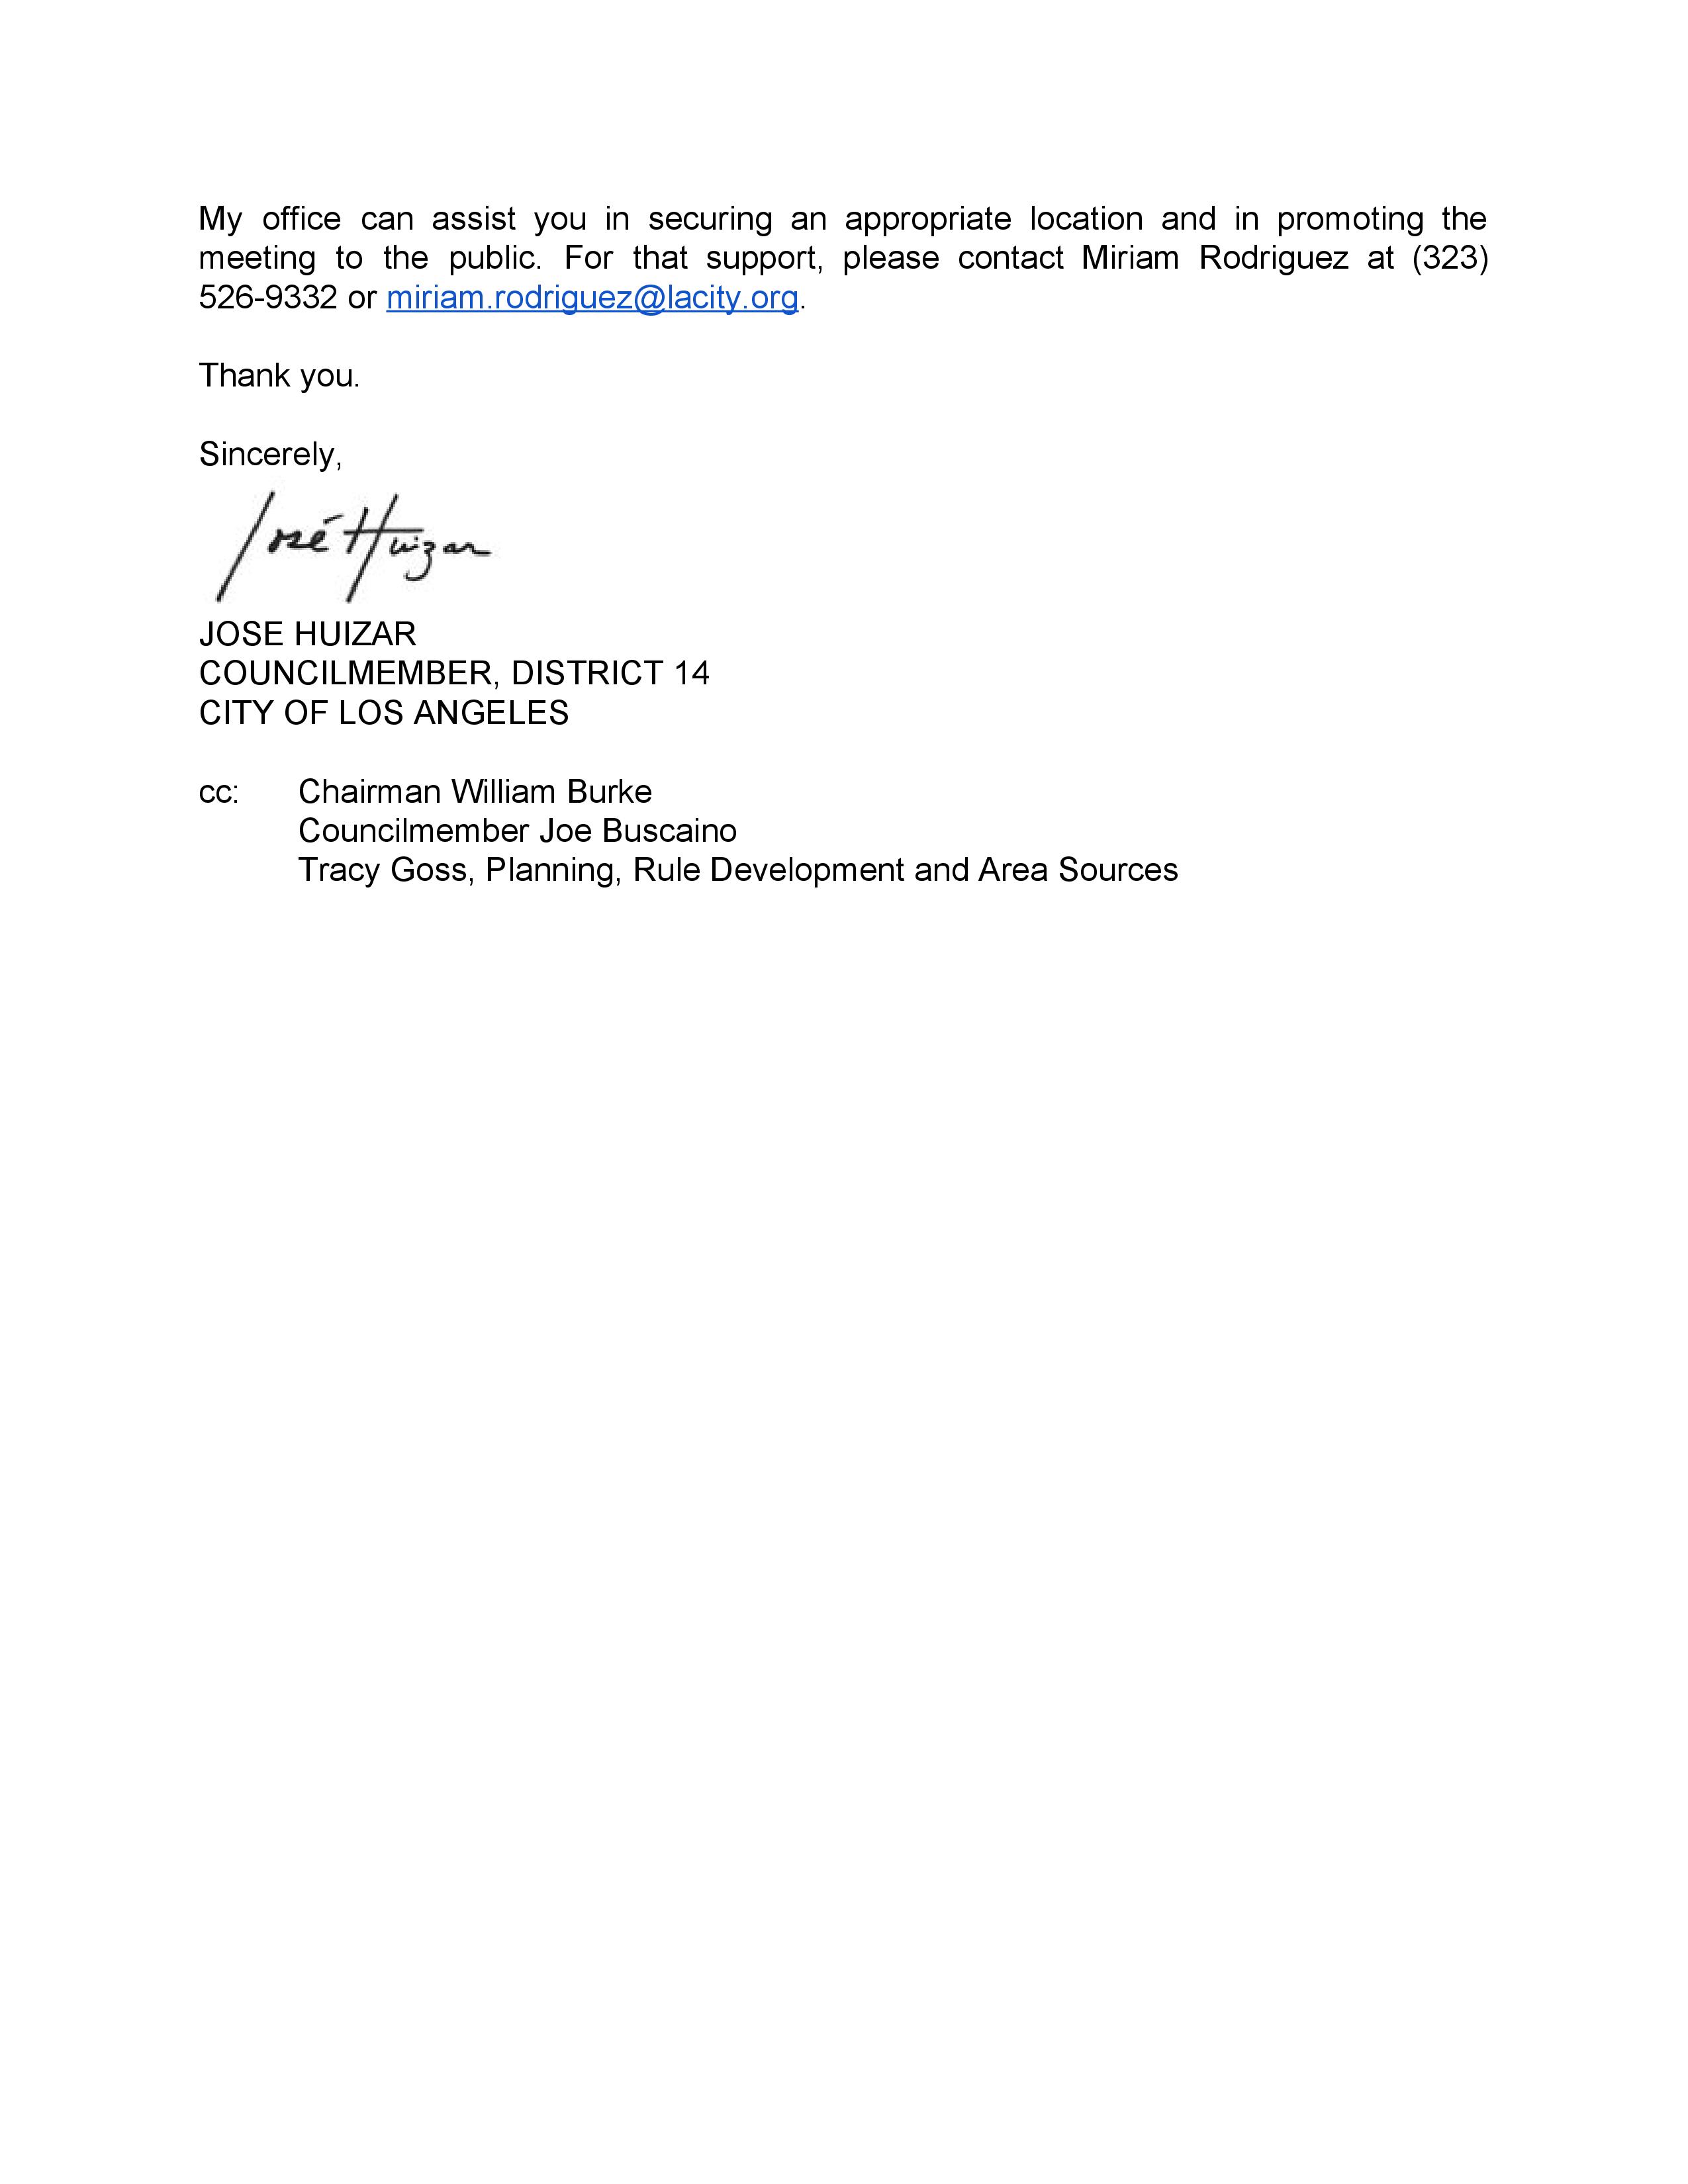 2017-10-04_PR415_letter_CouncilmanHuizar_(1)-1.png